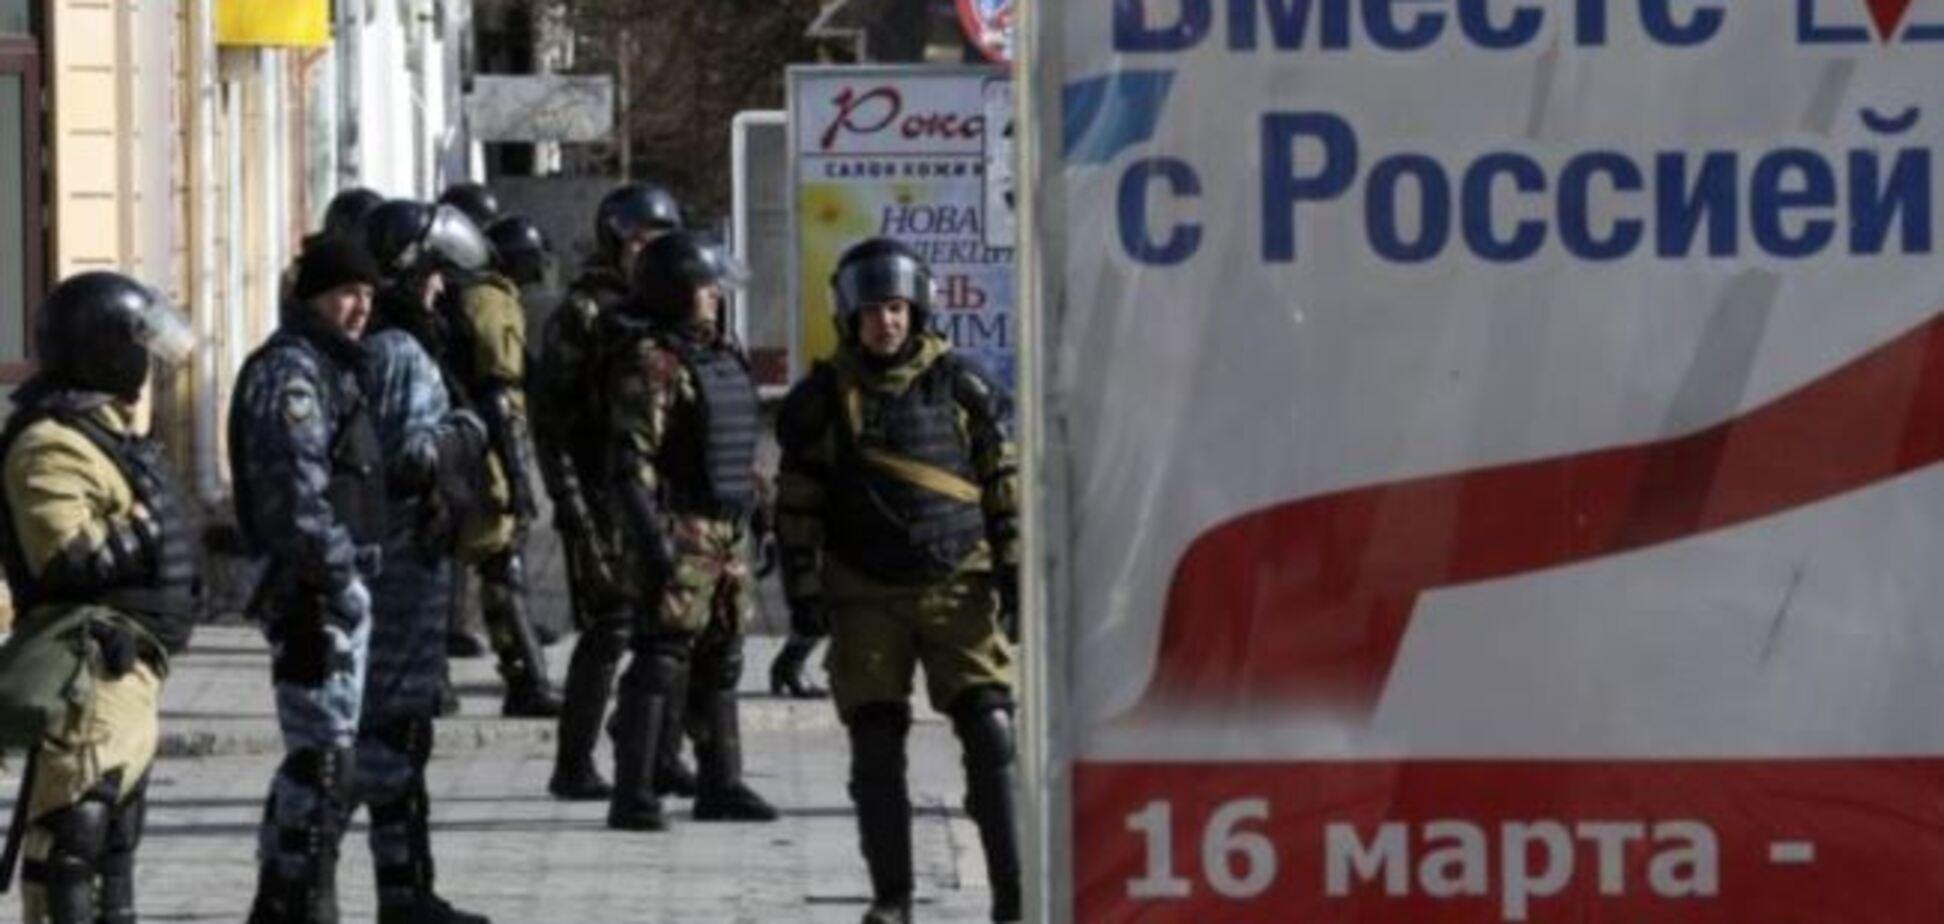 'Хотят отыграться': Чубаров рассказал о давлении в Крыму из-за выборов Путина